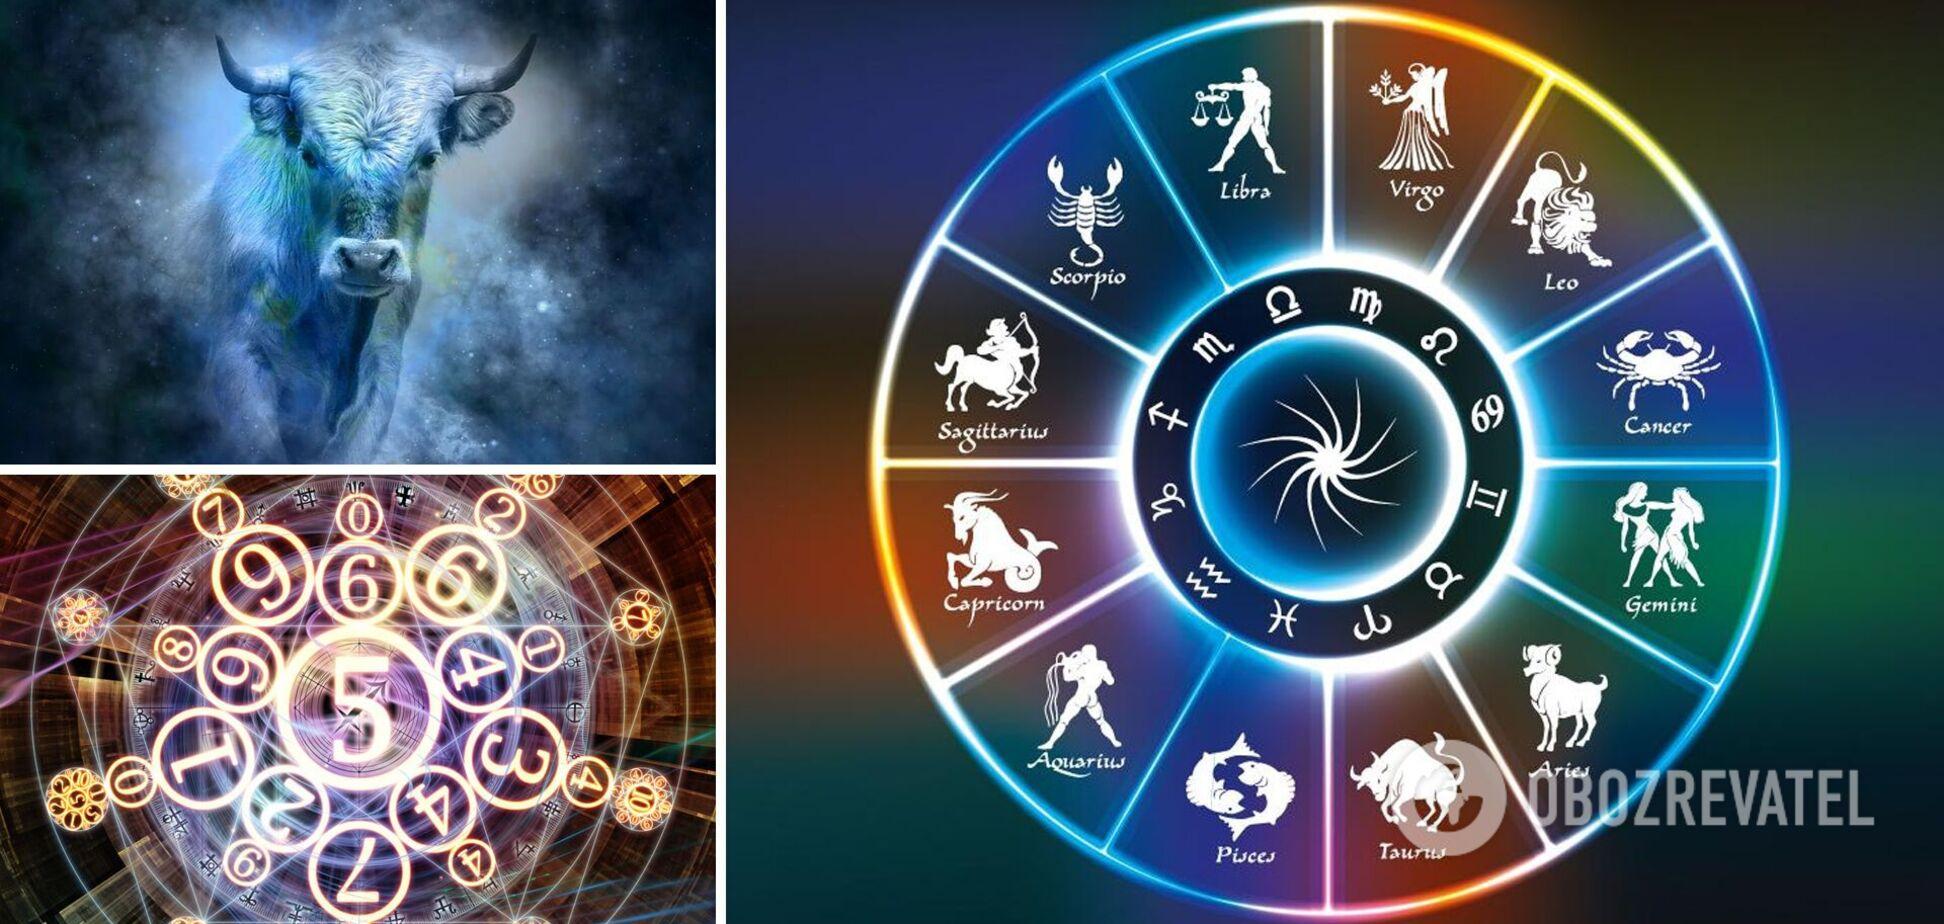 Що чекати знакам зодіаку на 2021 рік: прогноз від астрологині й нумерологині